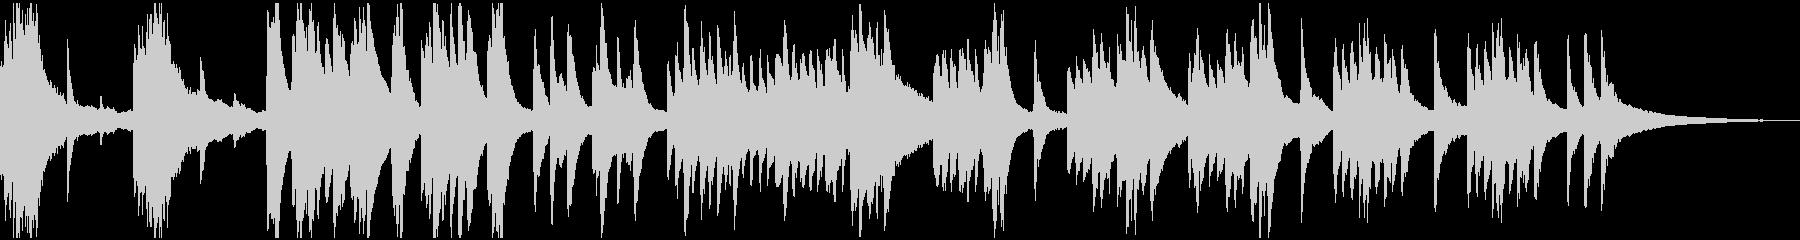 徐々に明るくなる神秘的なピアノソロの未再生の波形